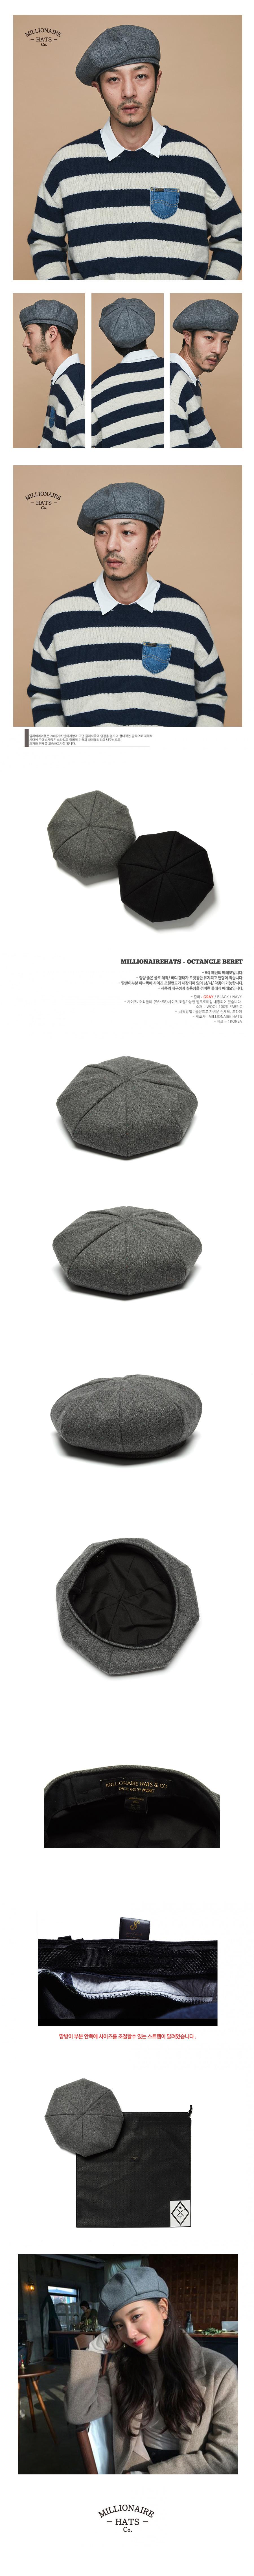 밀리어네어햇(MILLIONAIRE HATS) octangle beret [GRAY]